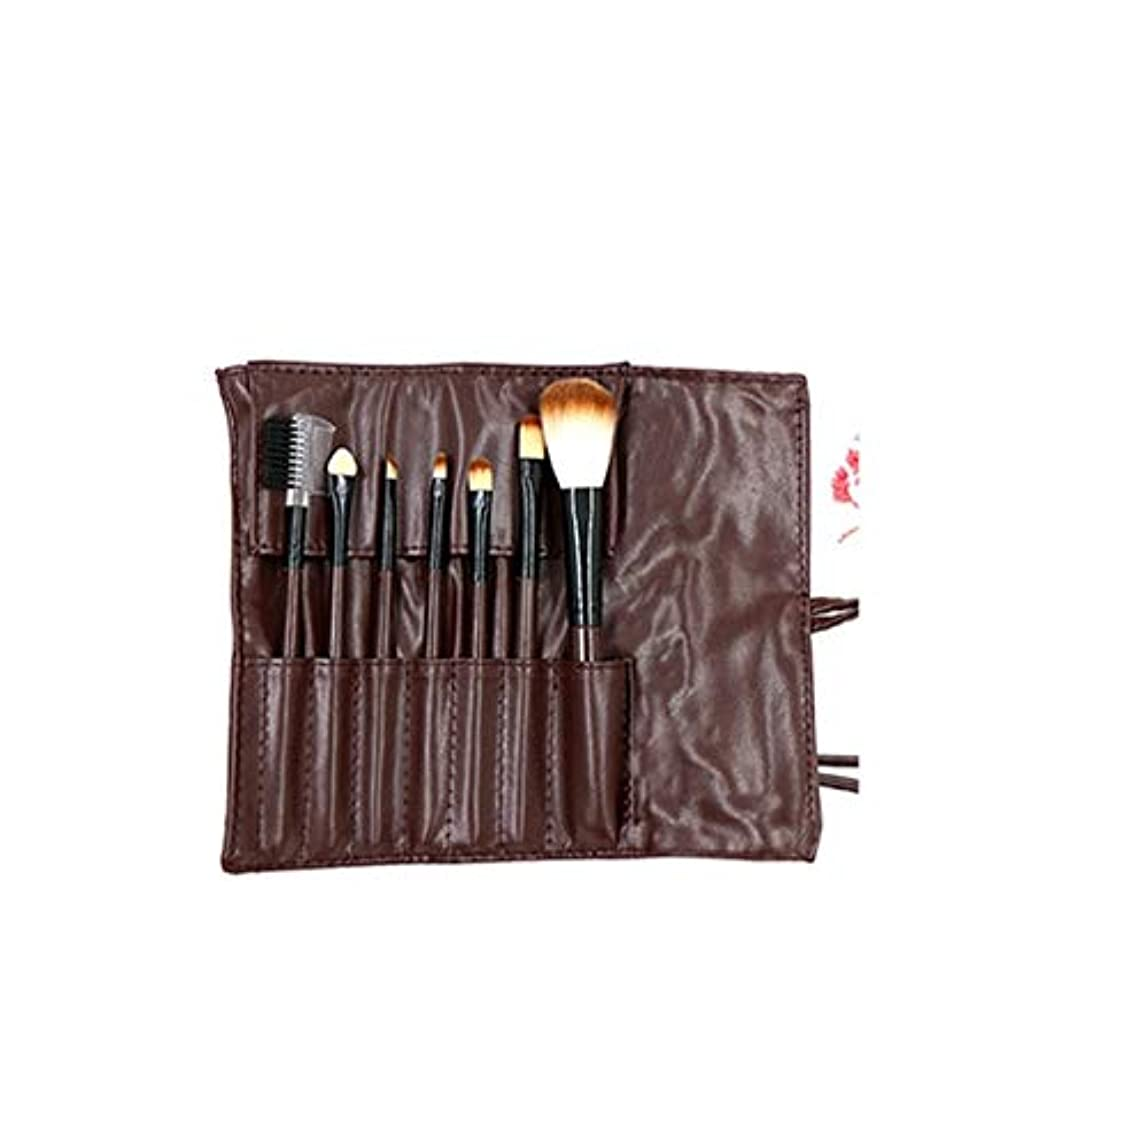 不機嫌関与するパイ化粧ブラシセット、ブラウン7化粧ブラシ化粧ブラシセットアイシャドウブラシリップブラシ美容化粧道具 (Color : ブラウン)